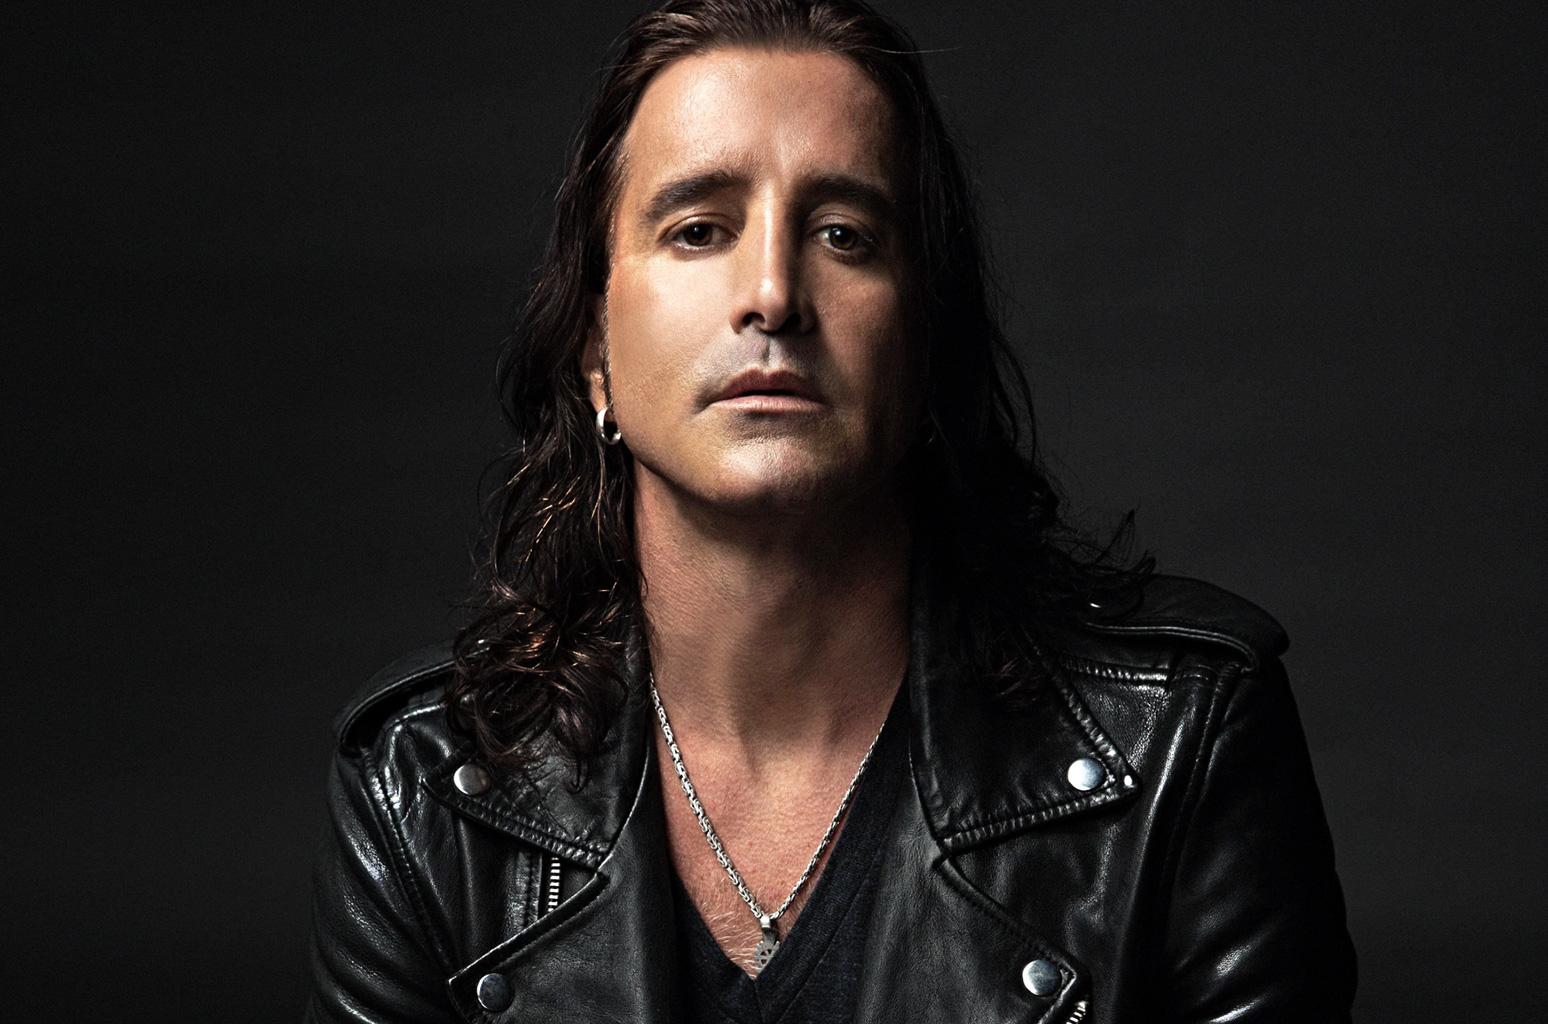 Ganhador do Grammy, vocalista do Creed fará show em Curitiba